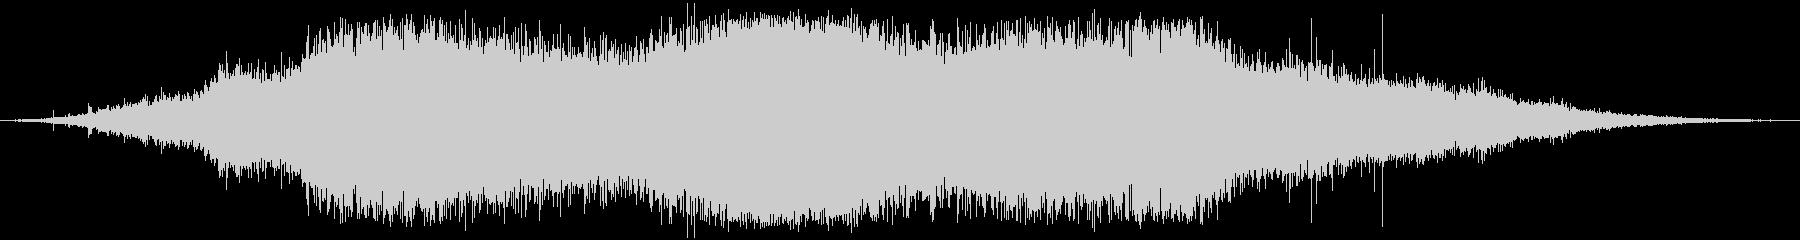 植生 木の葉ラッスルヘビー01の未再生の波形